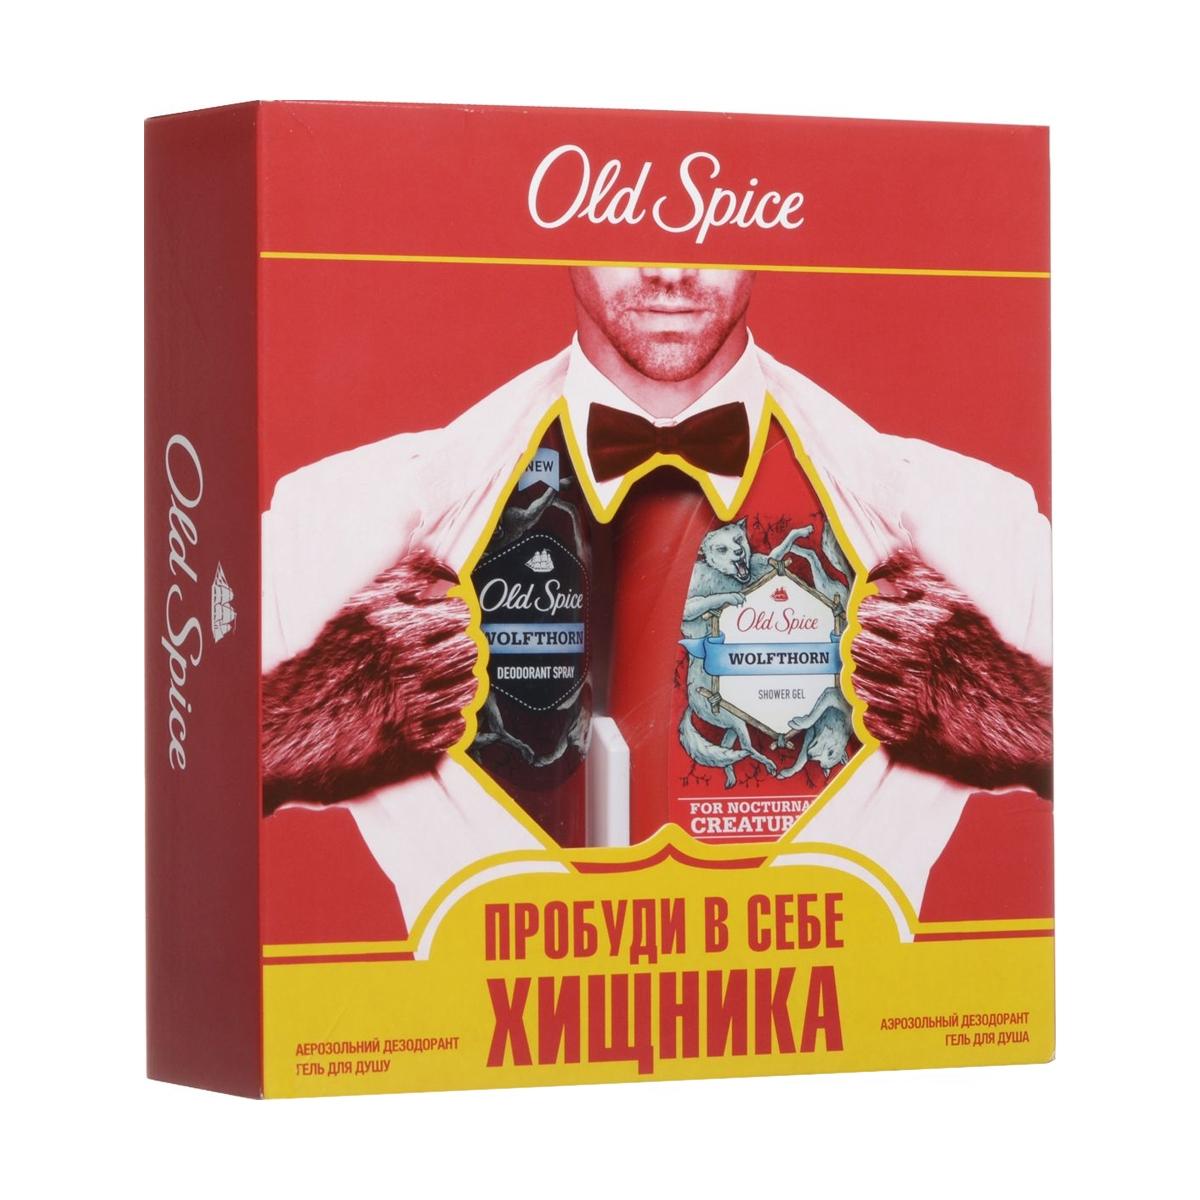 Подарочный набор Оld Spice Аэрозольный дезодорант Wolfthorn 125 мл + гель для душа Wolfthorn 250 мл<br>